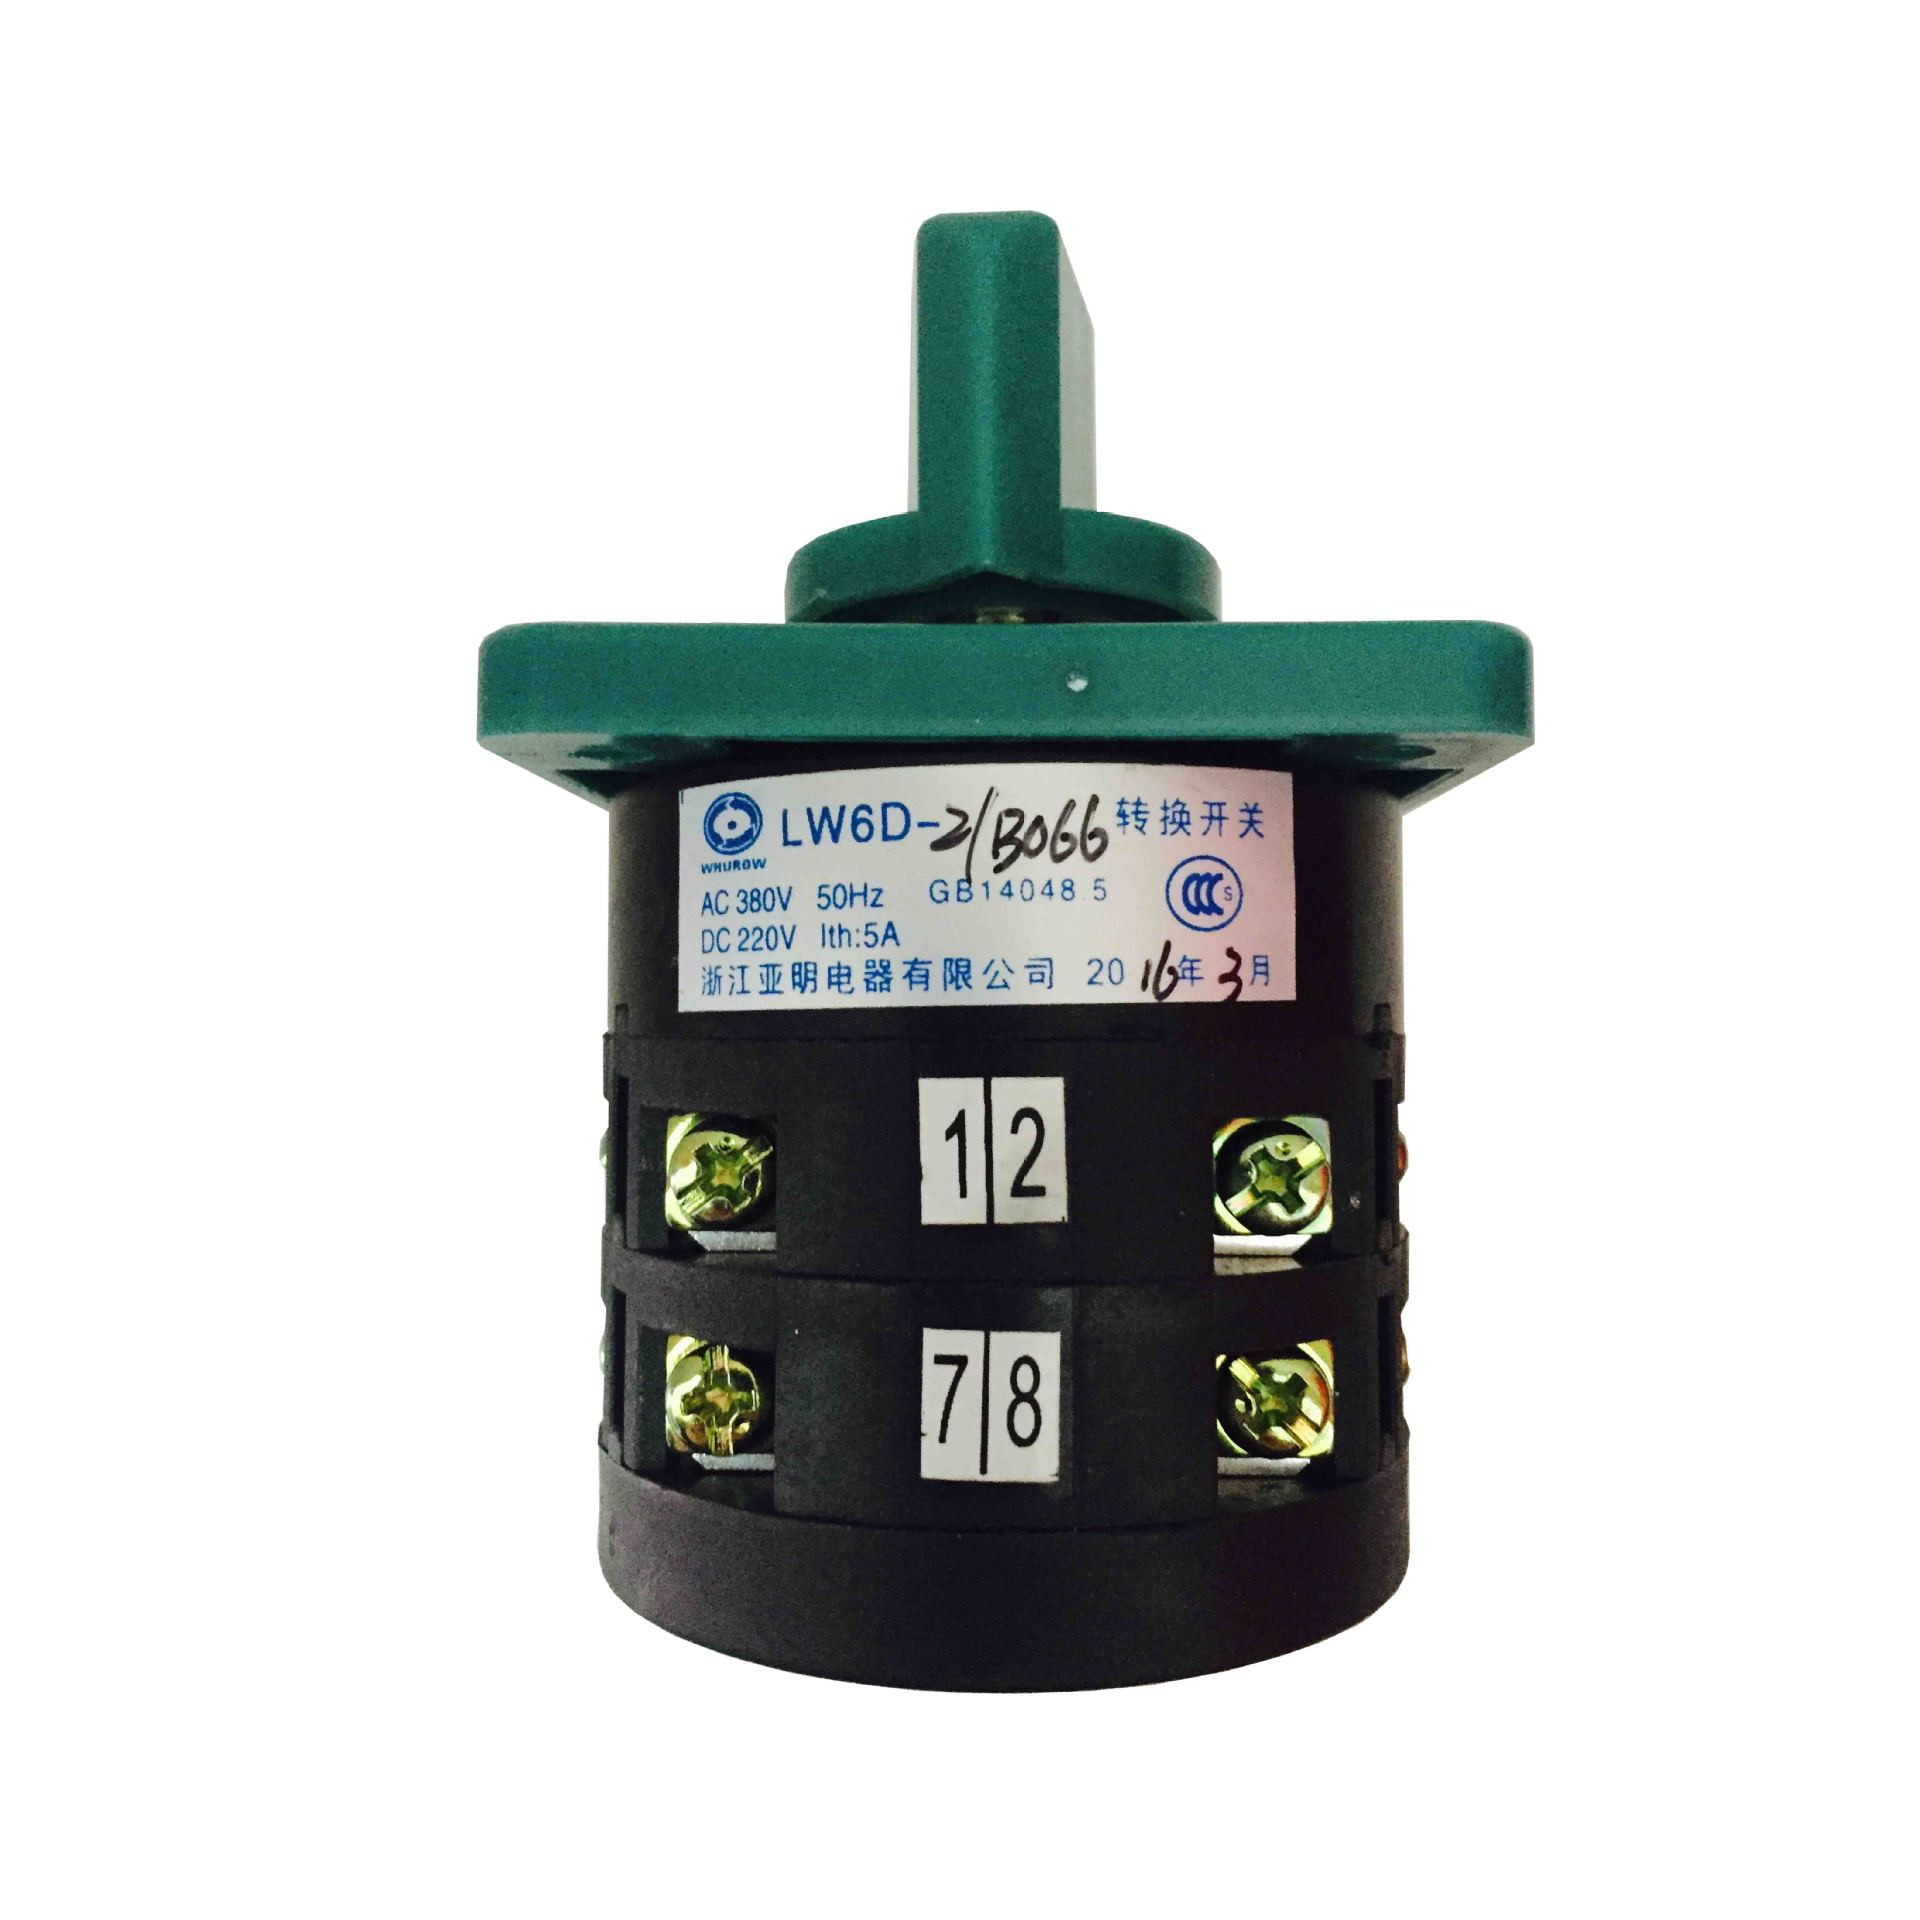 تشجيانغ الكهربائية 亚明 LW6-2 / B066 العالمي التبديل 3 ملفات 2 مزيج الفضة الاتصال التبديل الدوارة